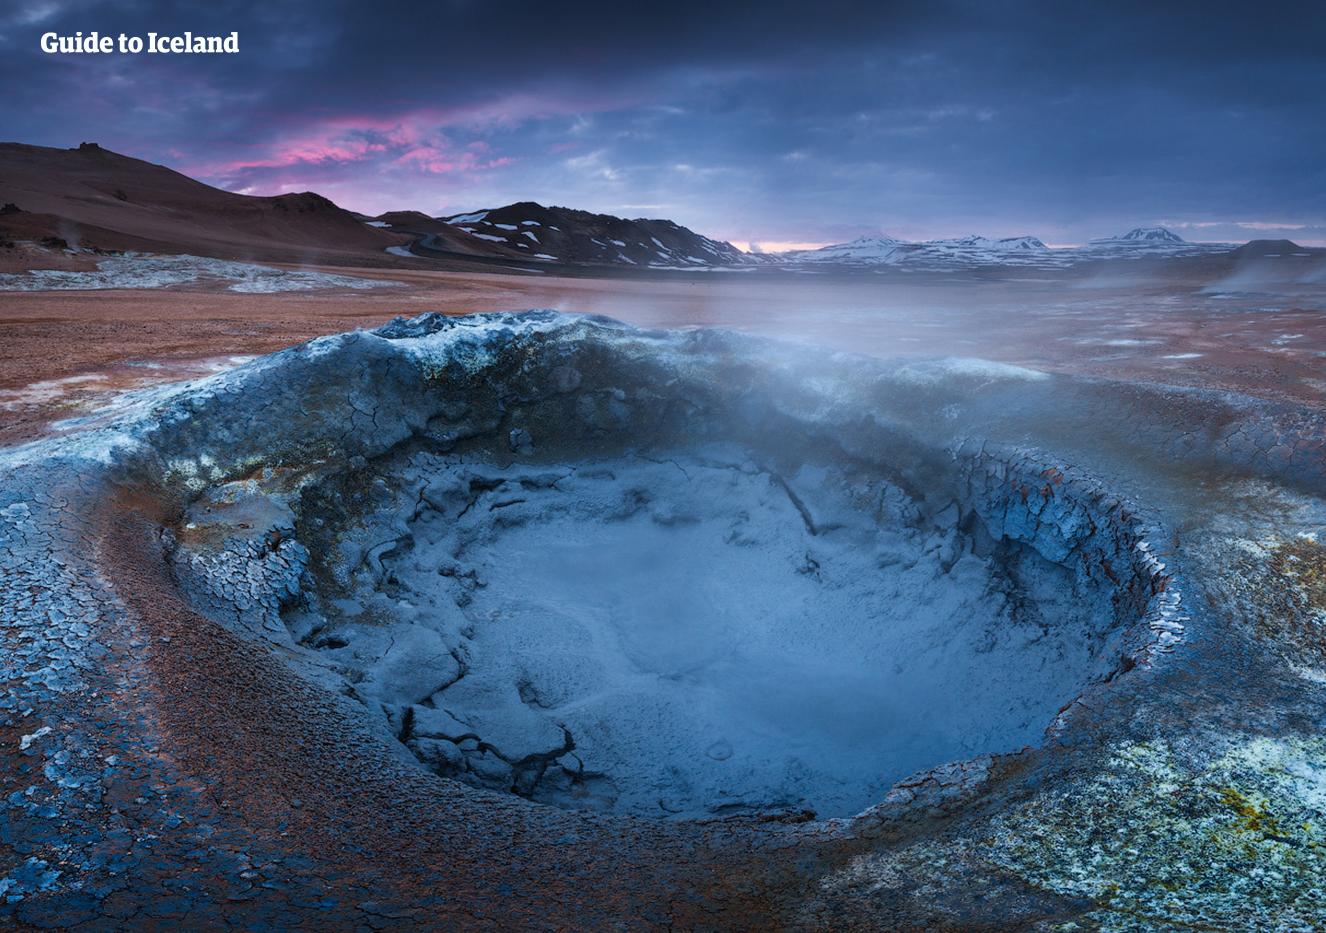 Gran parte del área geotérmica que rodea el lago Mývatn.